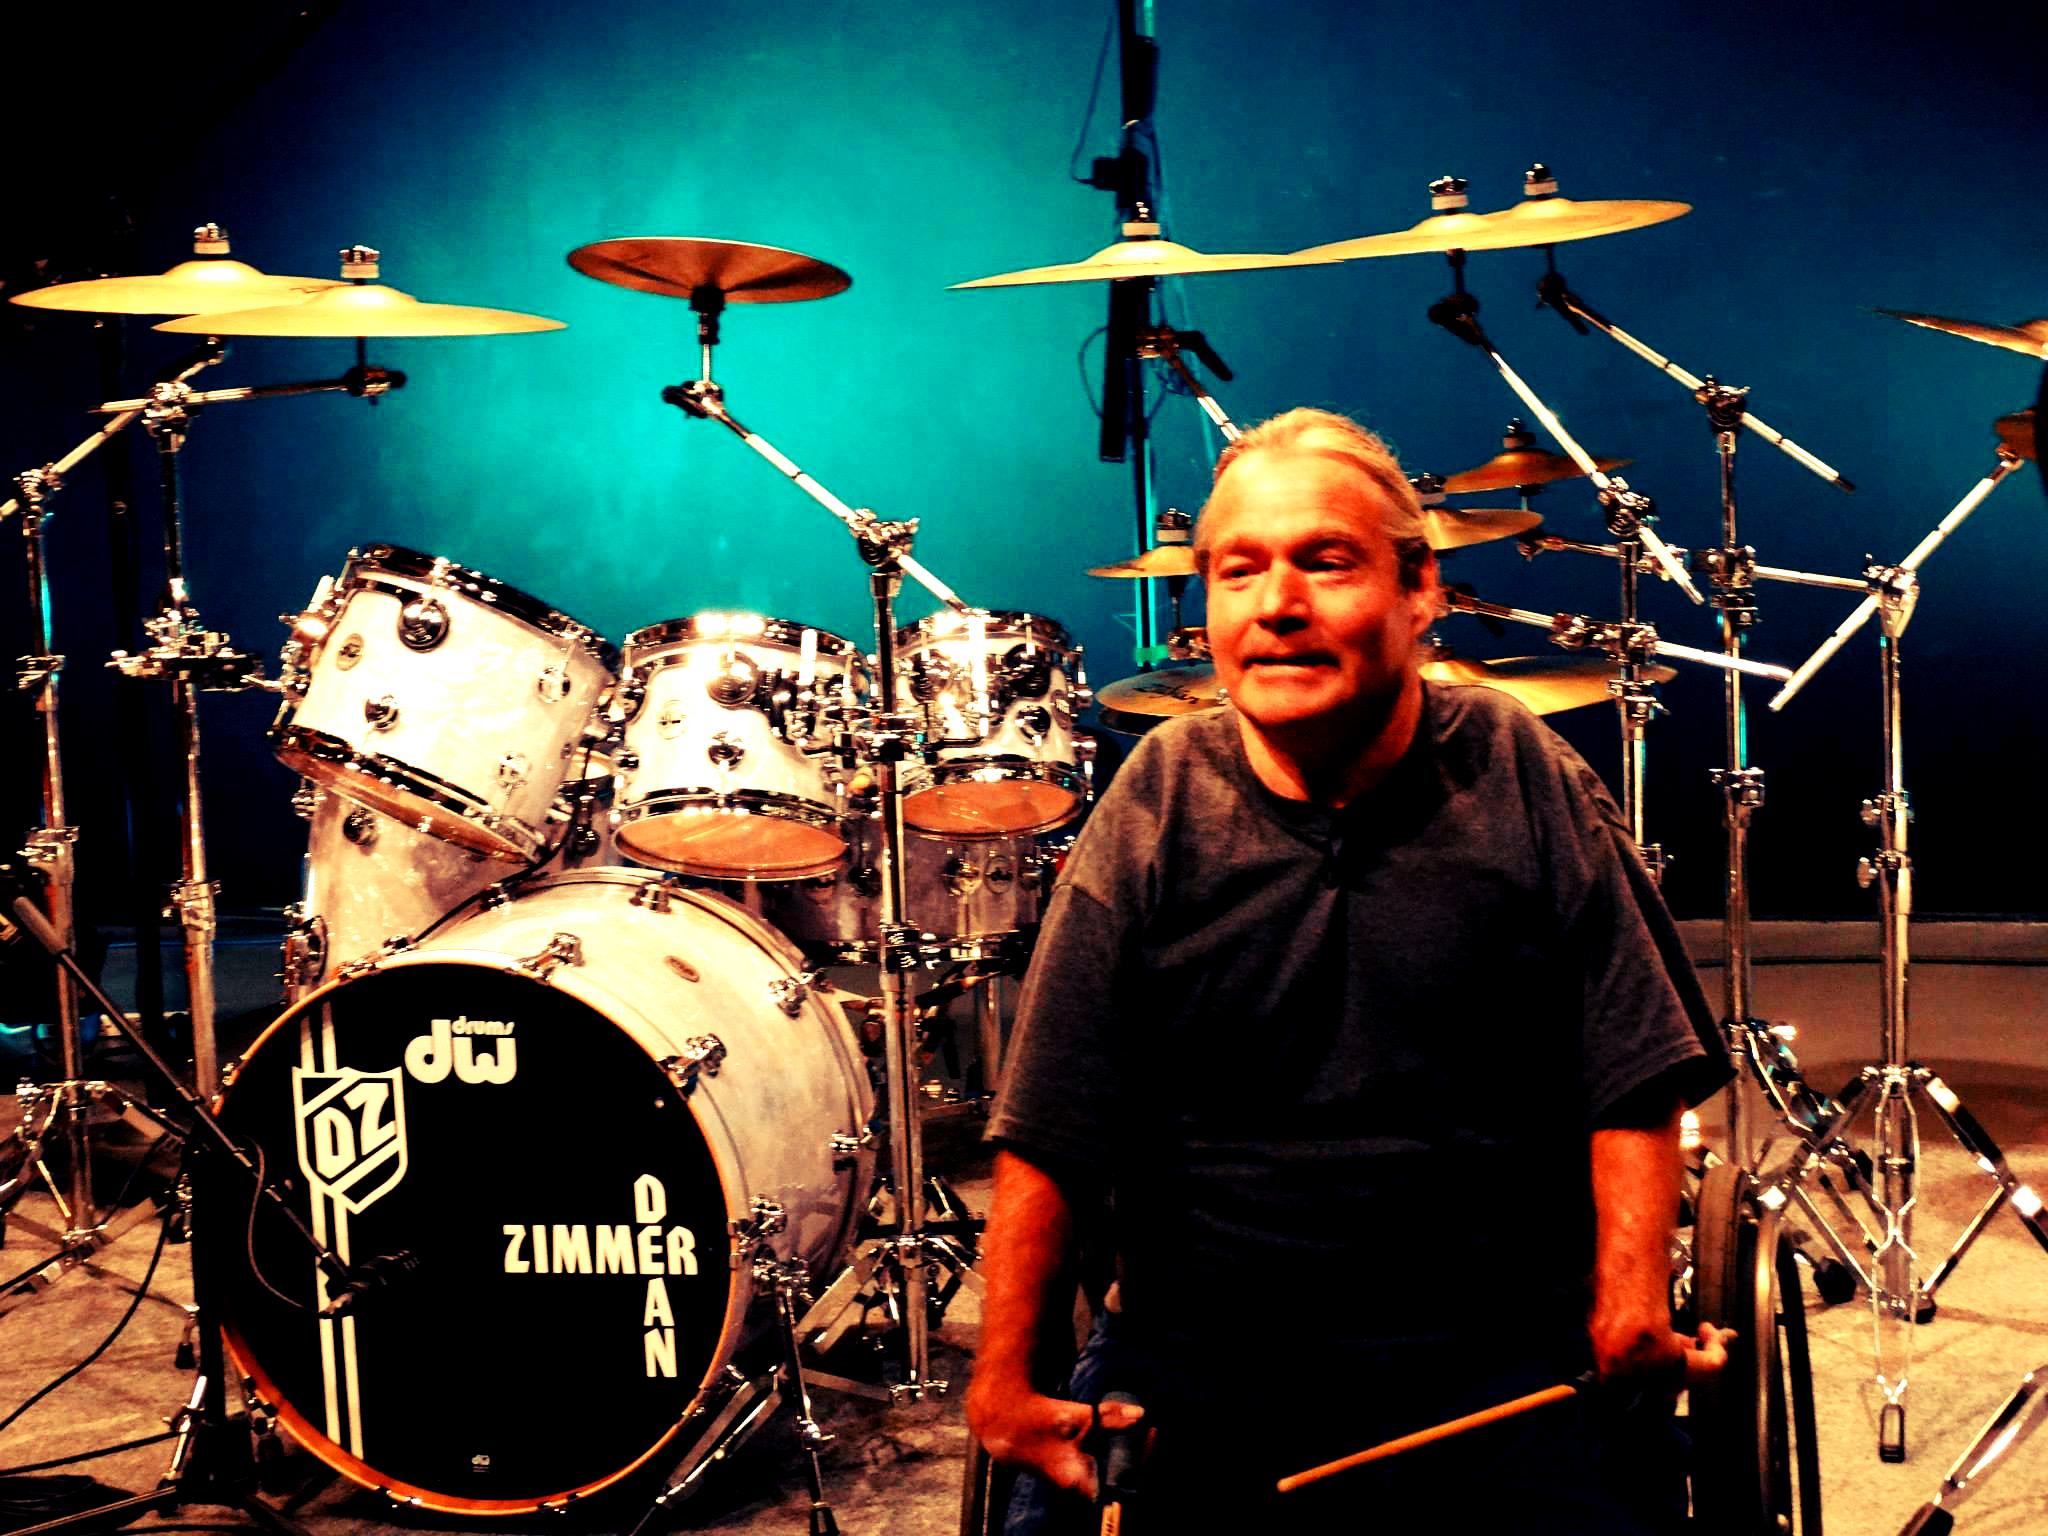 Dean Zimmer: Drummer Still Wanted